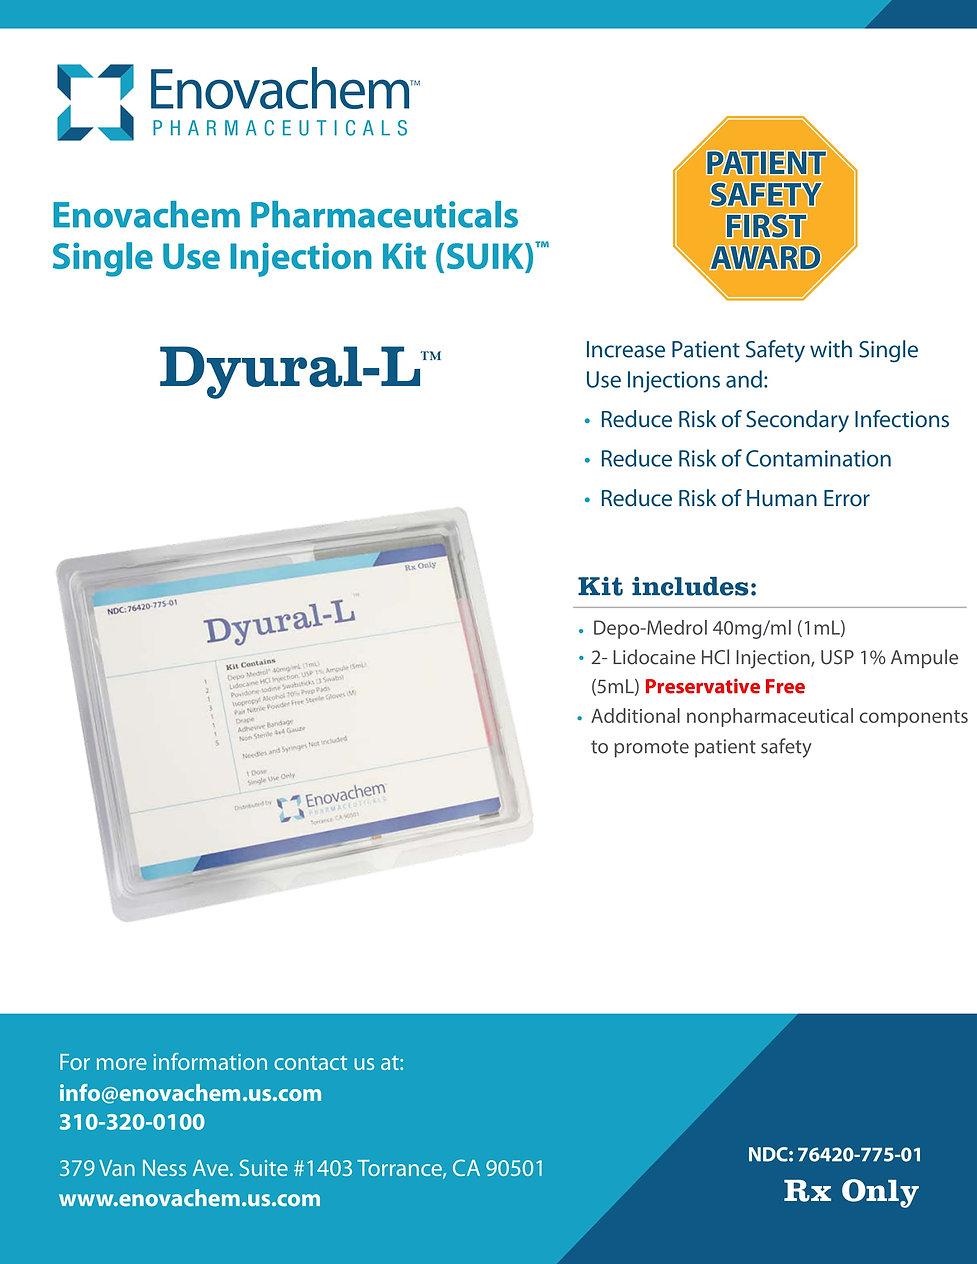 Dyural-L